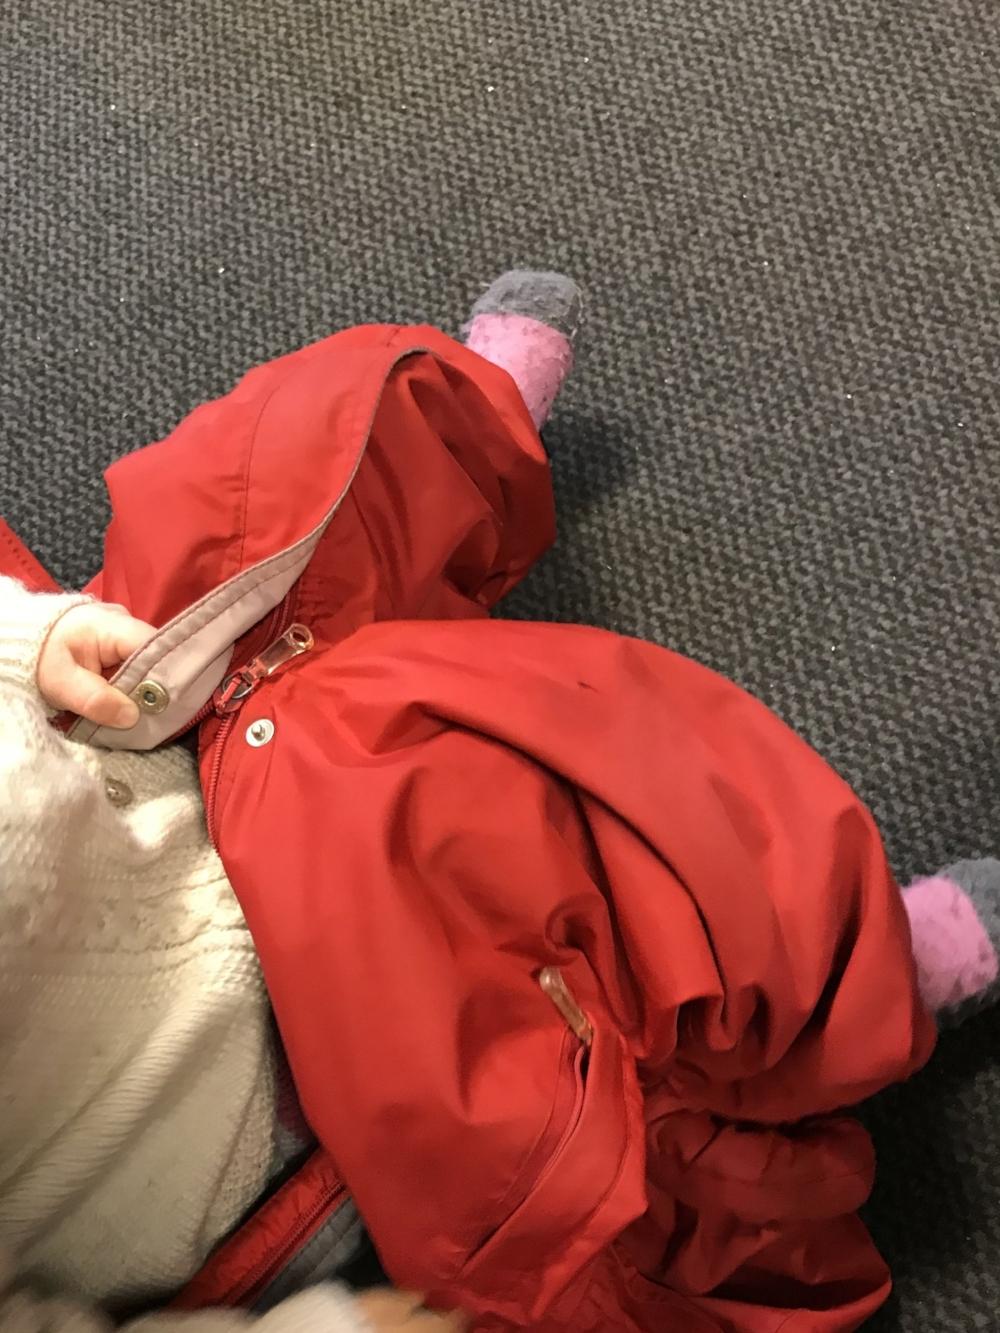 Å dra på dressen selv så vi ser føttene stikke ut av hullene sine.